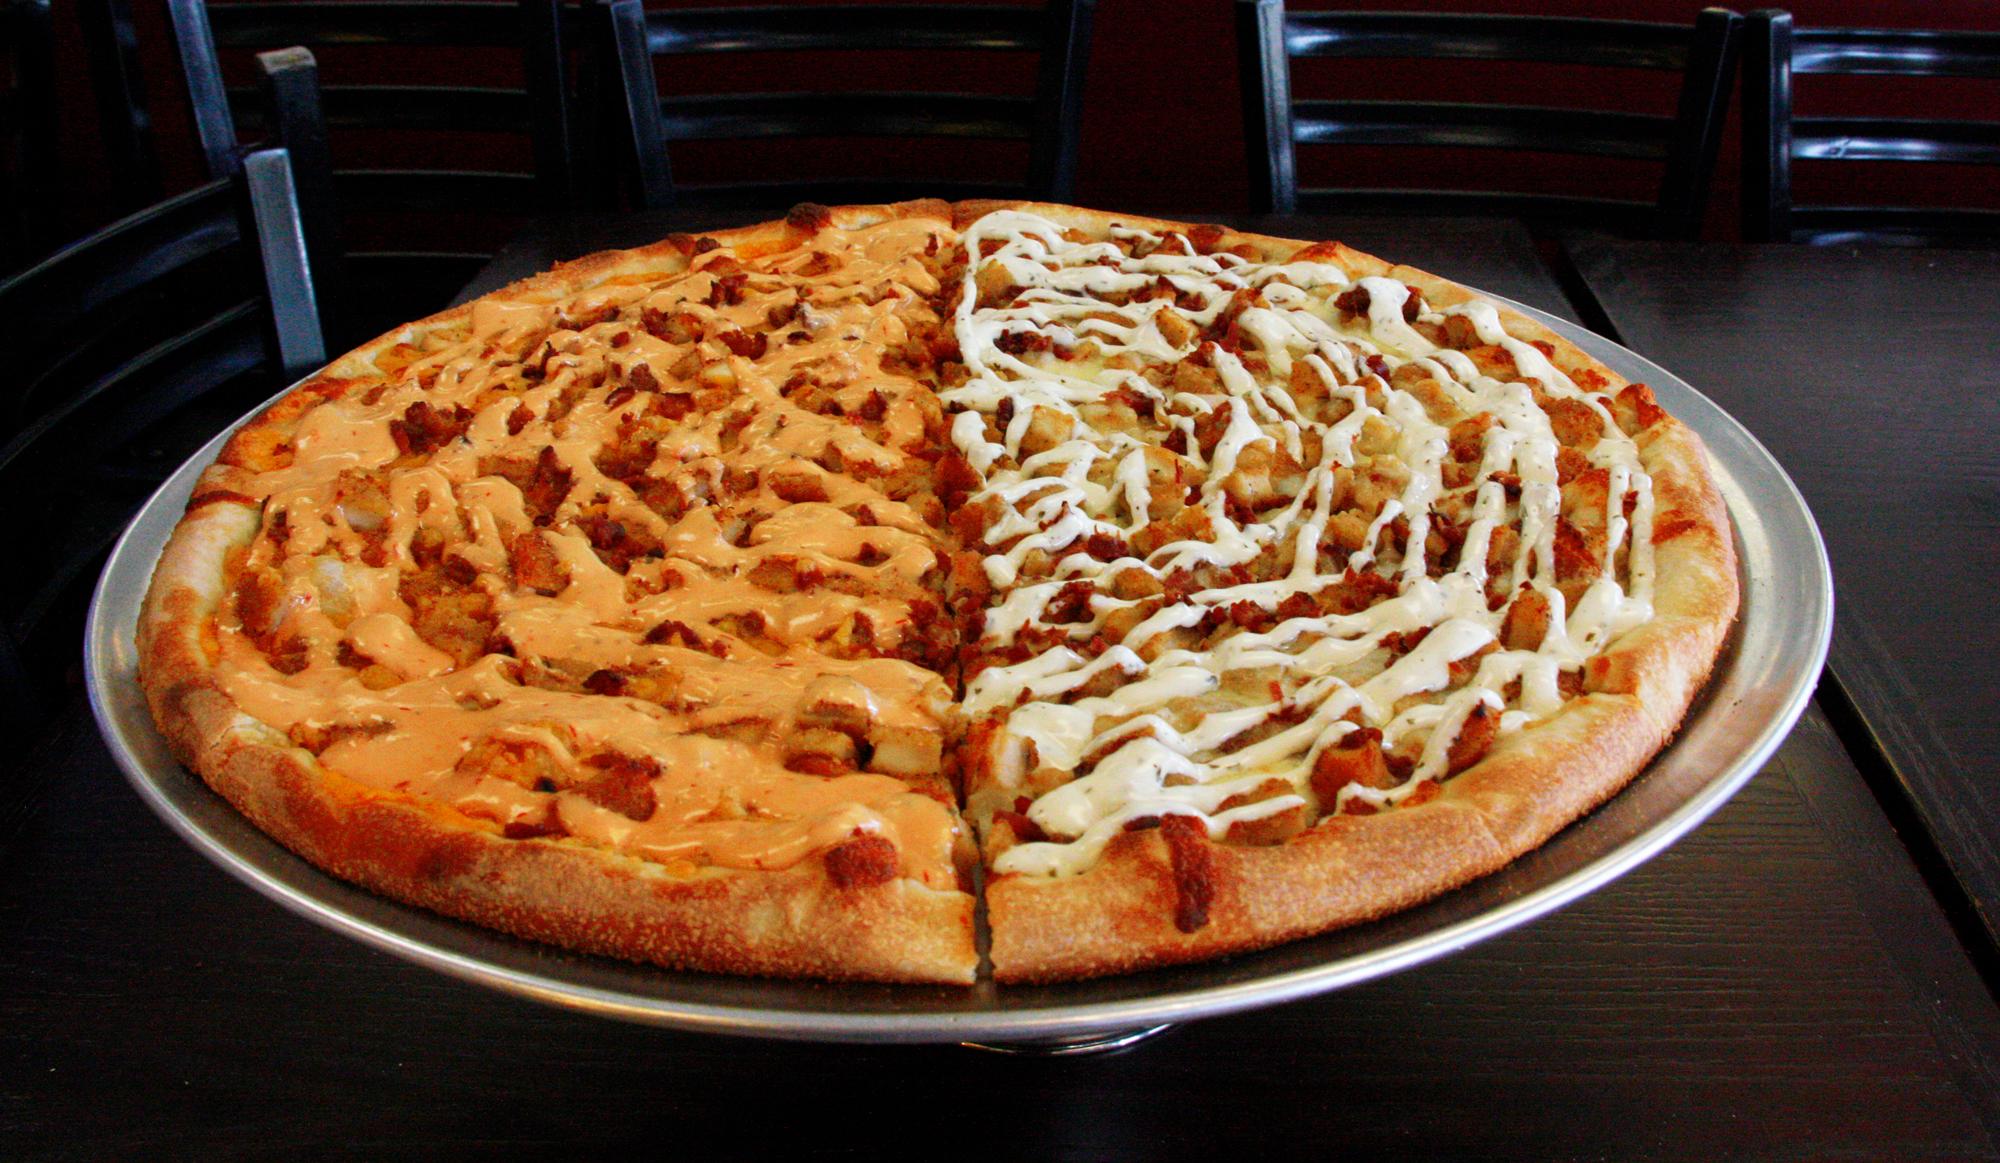 Delicious Specialty Pizza pies